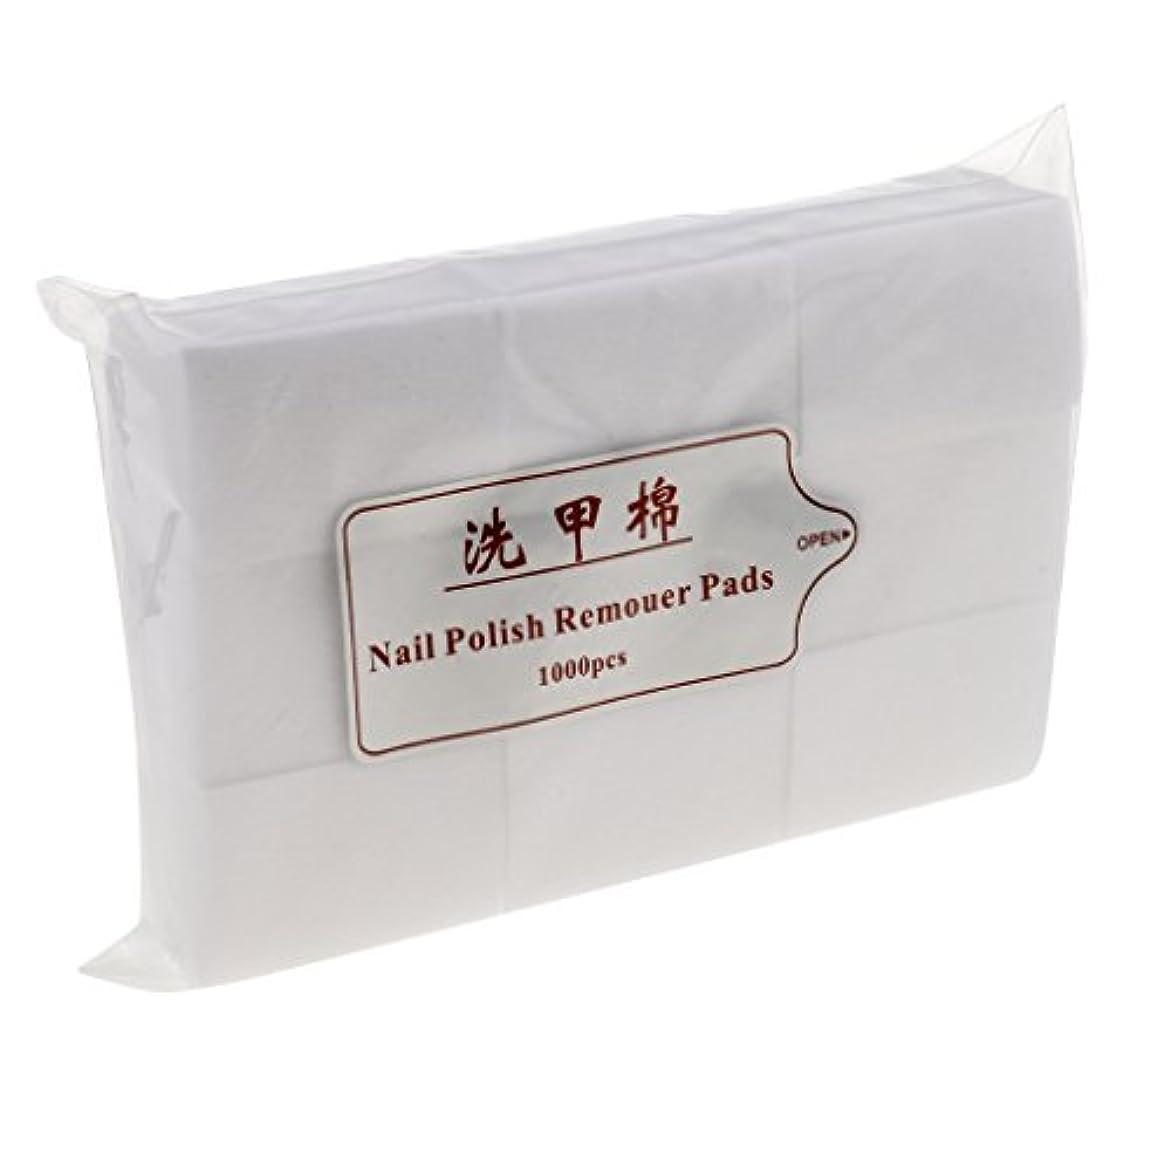 検出器瞑想する差別的Blesiya 約1000個 ネイルコットンパッド ネイル パッド ネイルアートチップ パッド紙 吸水性 便利 ネイルサロン